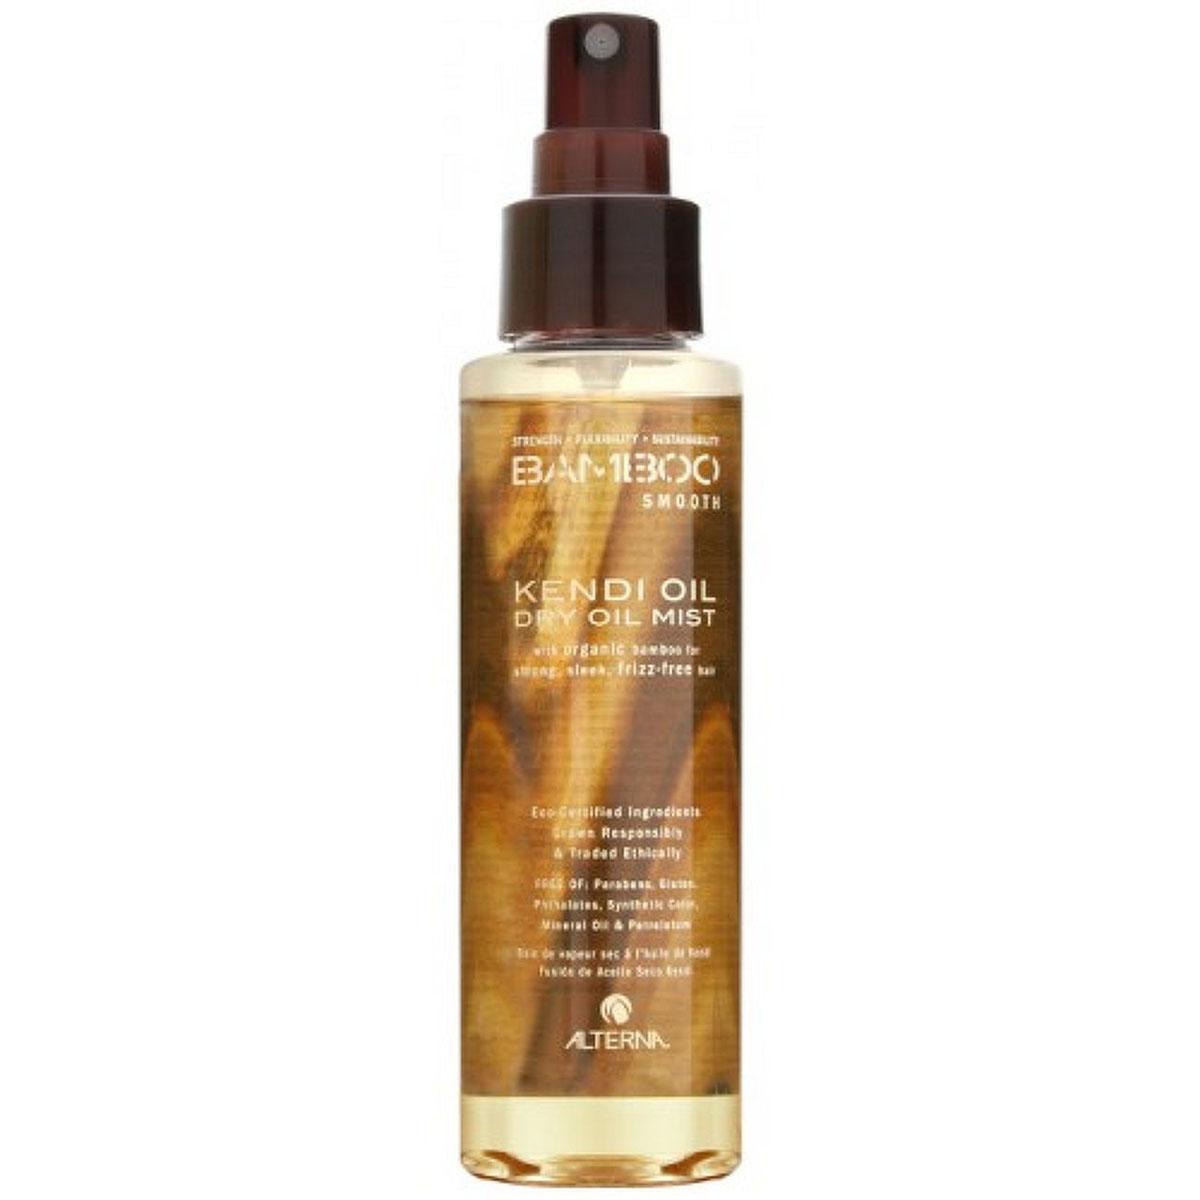 Alterna Невесомое масло-спрей для ухода за волосами Bamboo Smooth Kendi Dry Oil Mist - 125 млFS-00897Масло Кенди, входящее в состав Alterna Bamboo Smooth Kendi Dry Oil Mist, помогает разгладить волосы и устранить их пушистость. Обладает термозащитой, так же используется для продления срока действия процедуры выпрямления волос. Результат: Alterna Bamboo Smooth Kendi Dry Oil Mist насыщает волосы питательными веществами и антиоксидантами. Укрепляет волосы. Благодаря технологии Color Hold обеспечивает защиту цвета волос. Предотвращает запутывание, пушистость и завивание волос. Увеличивает срок действия процесса по выпрямлению и выравниванию волос. Обладает влагостойкими свойствами. Усиливает блеск волос.